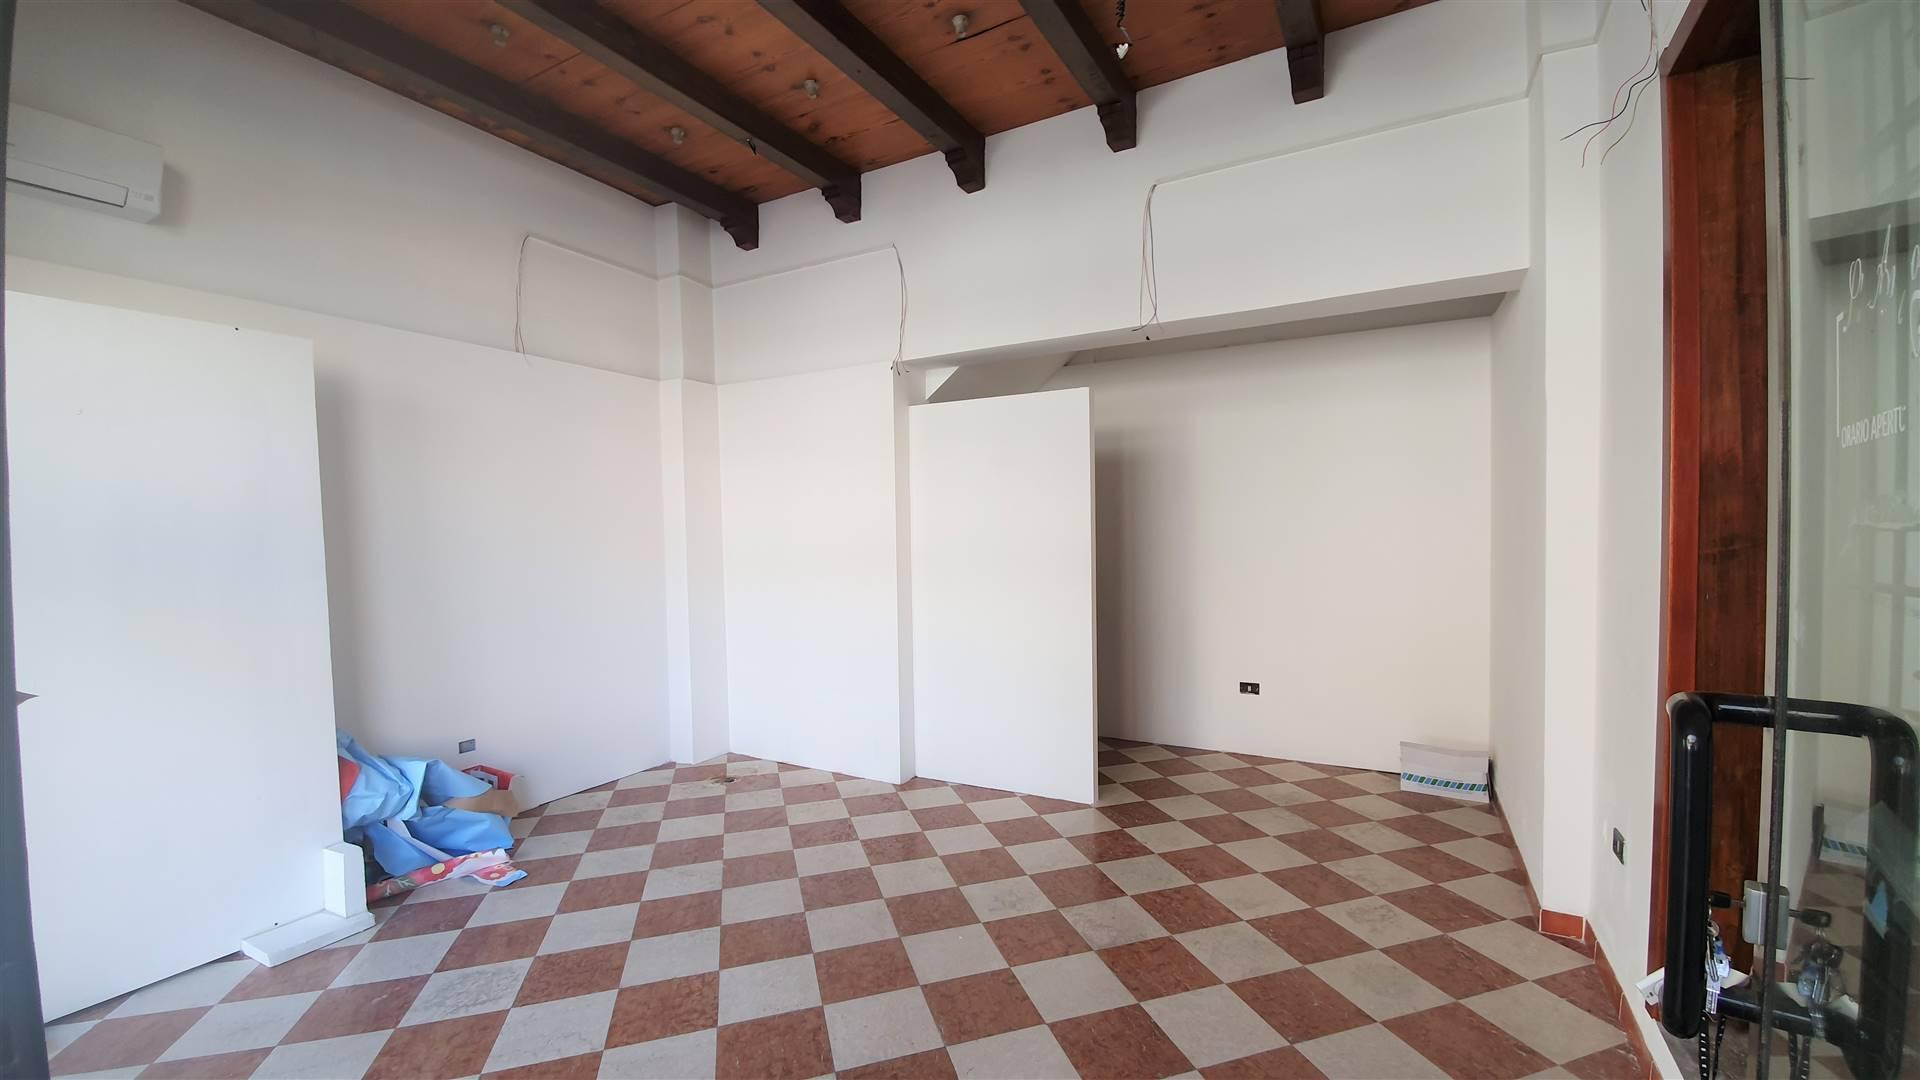 Negozio / Locale in affitto a Este, 1 locali, prezzo € 450 | CambioCasa.it